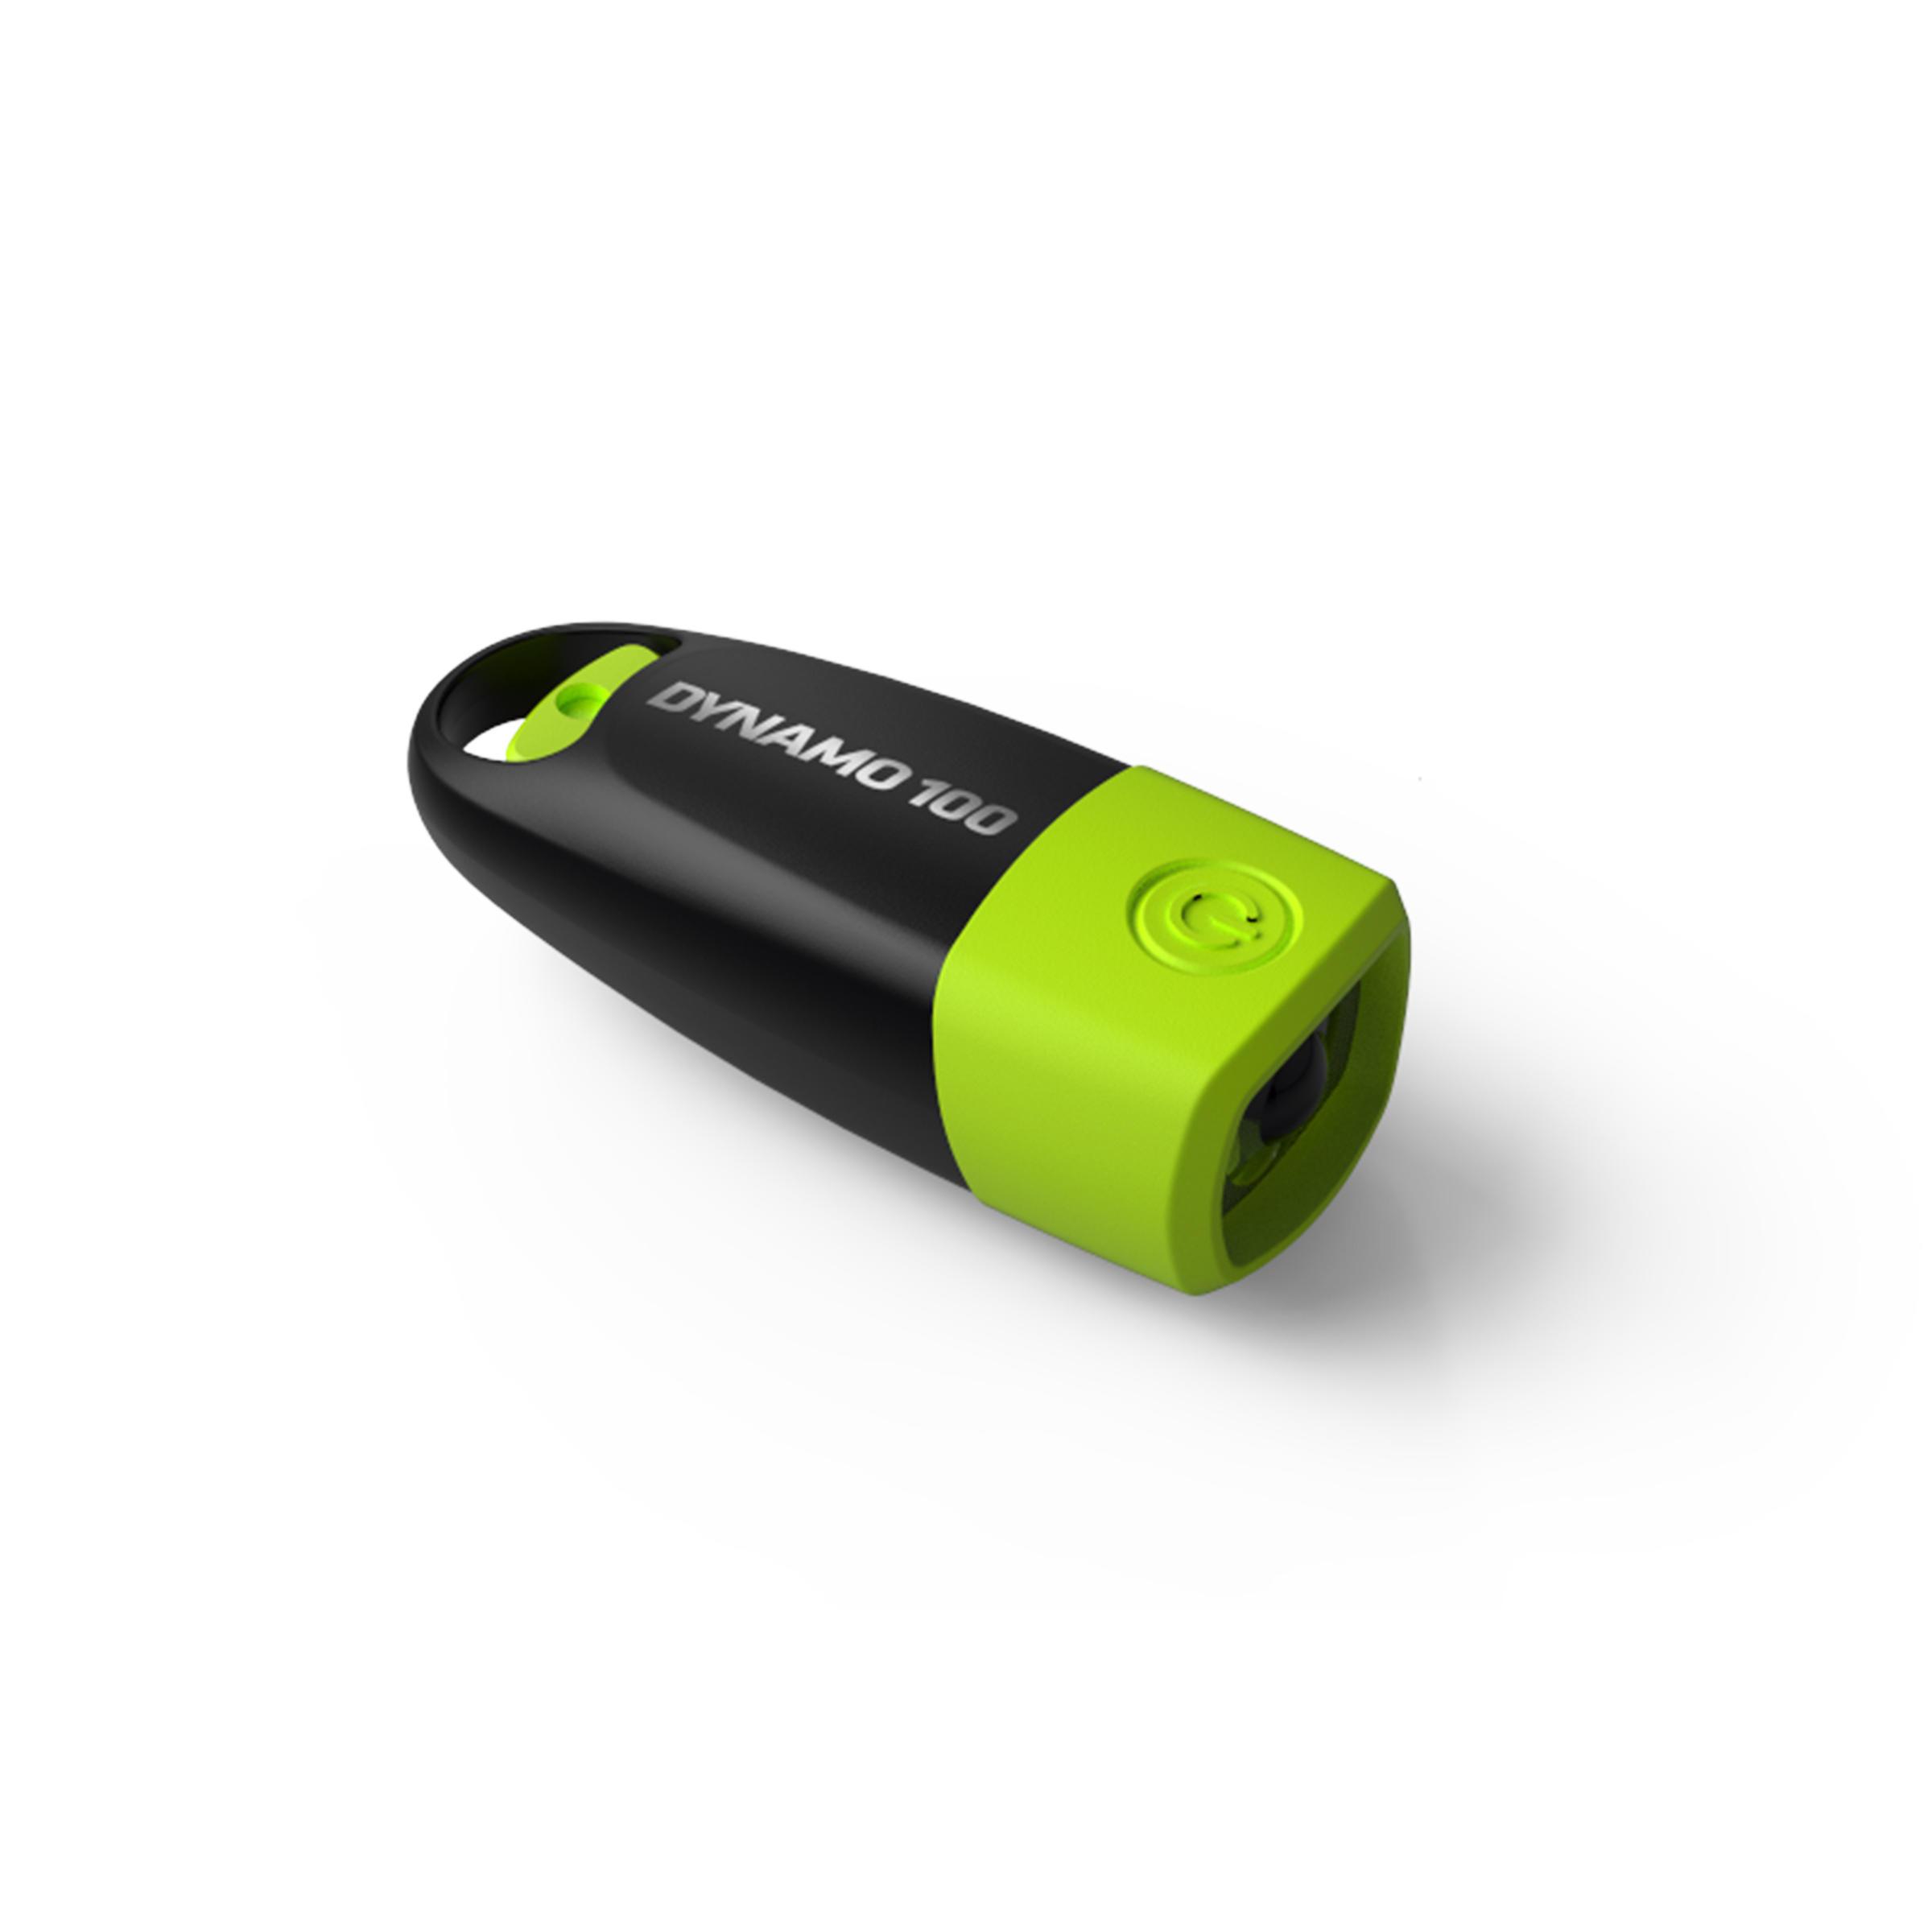 Linterna autónoma DYNAMO 100 verde - 15 lúmenes